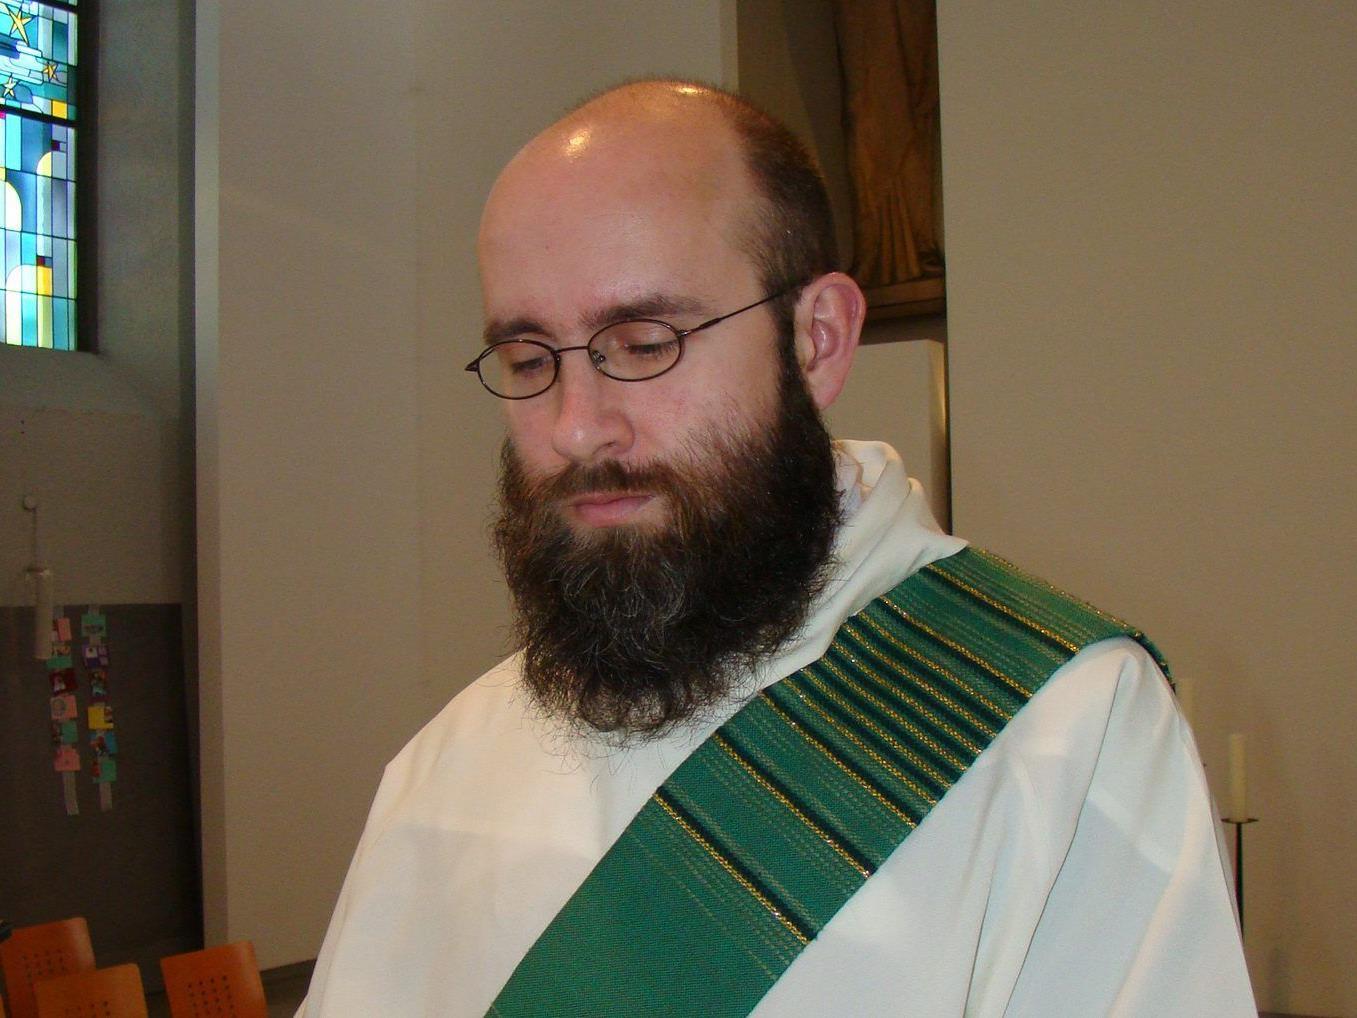 Der in Lustenau tätige Diakon Dariusz Radziechowski wurd am Samstag in Feldkirch zum Priester geweiht.